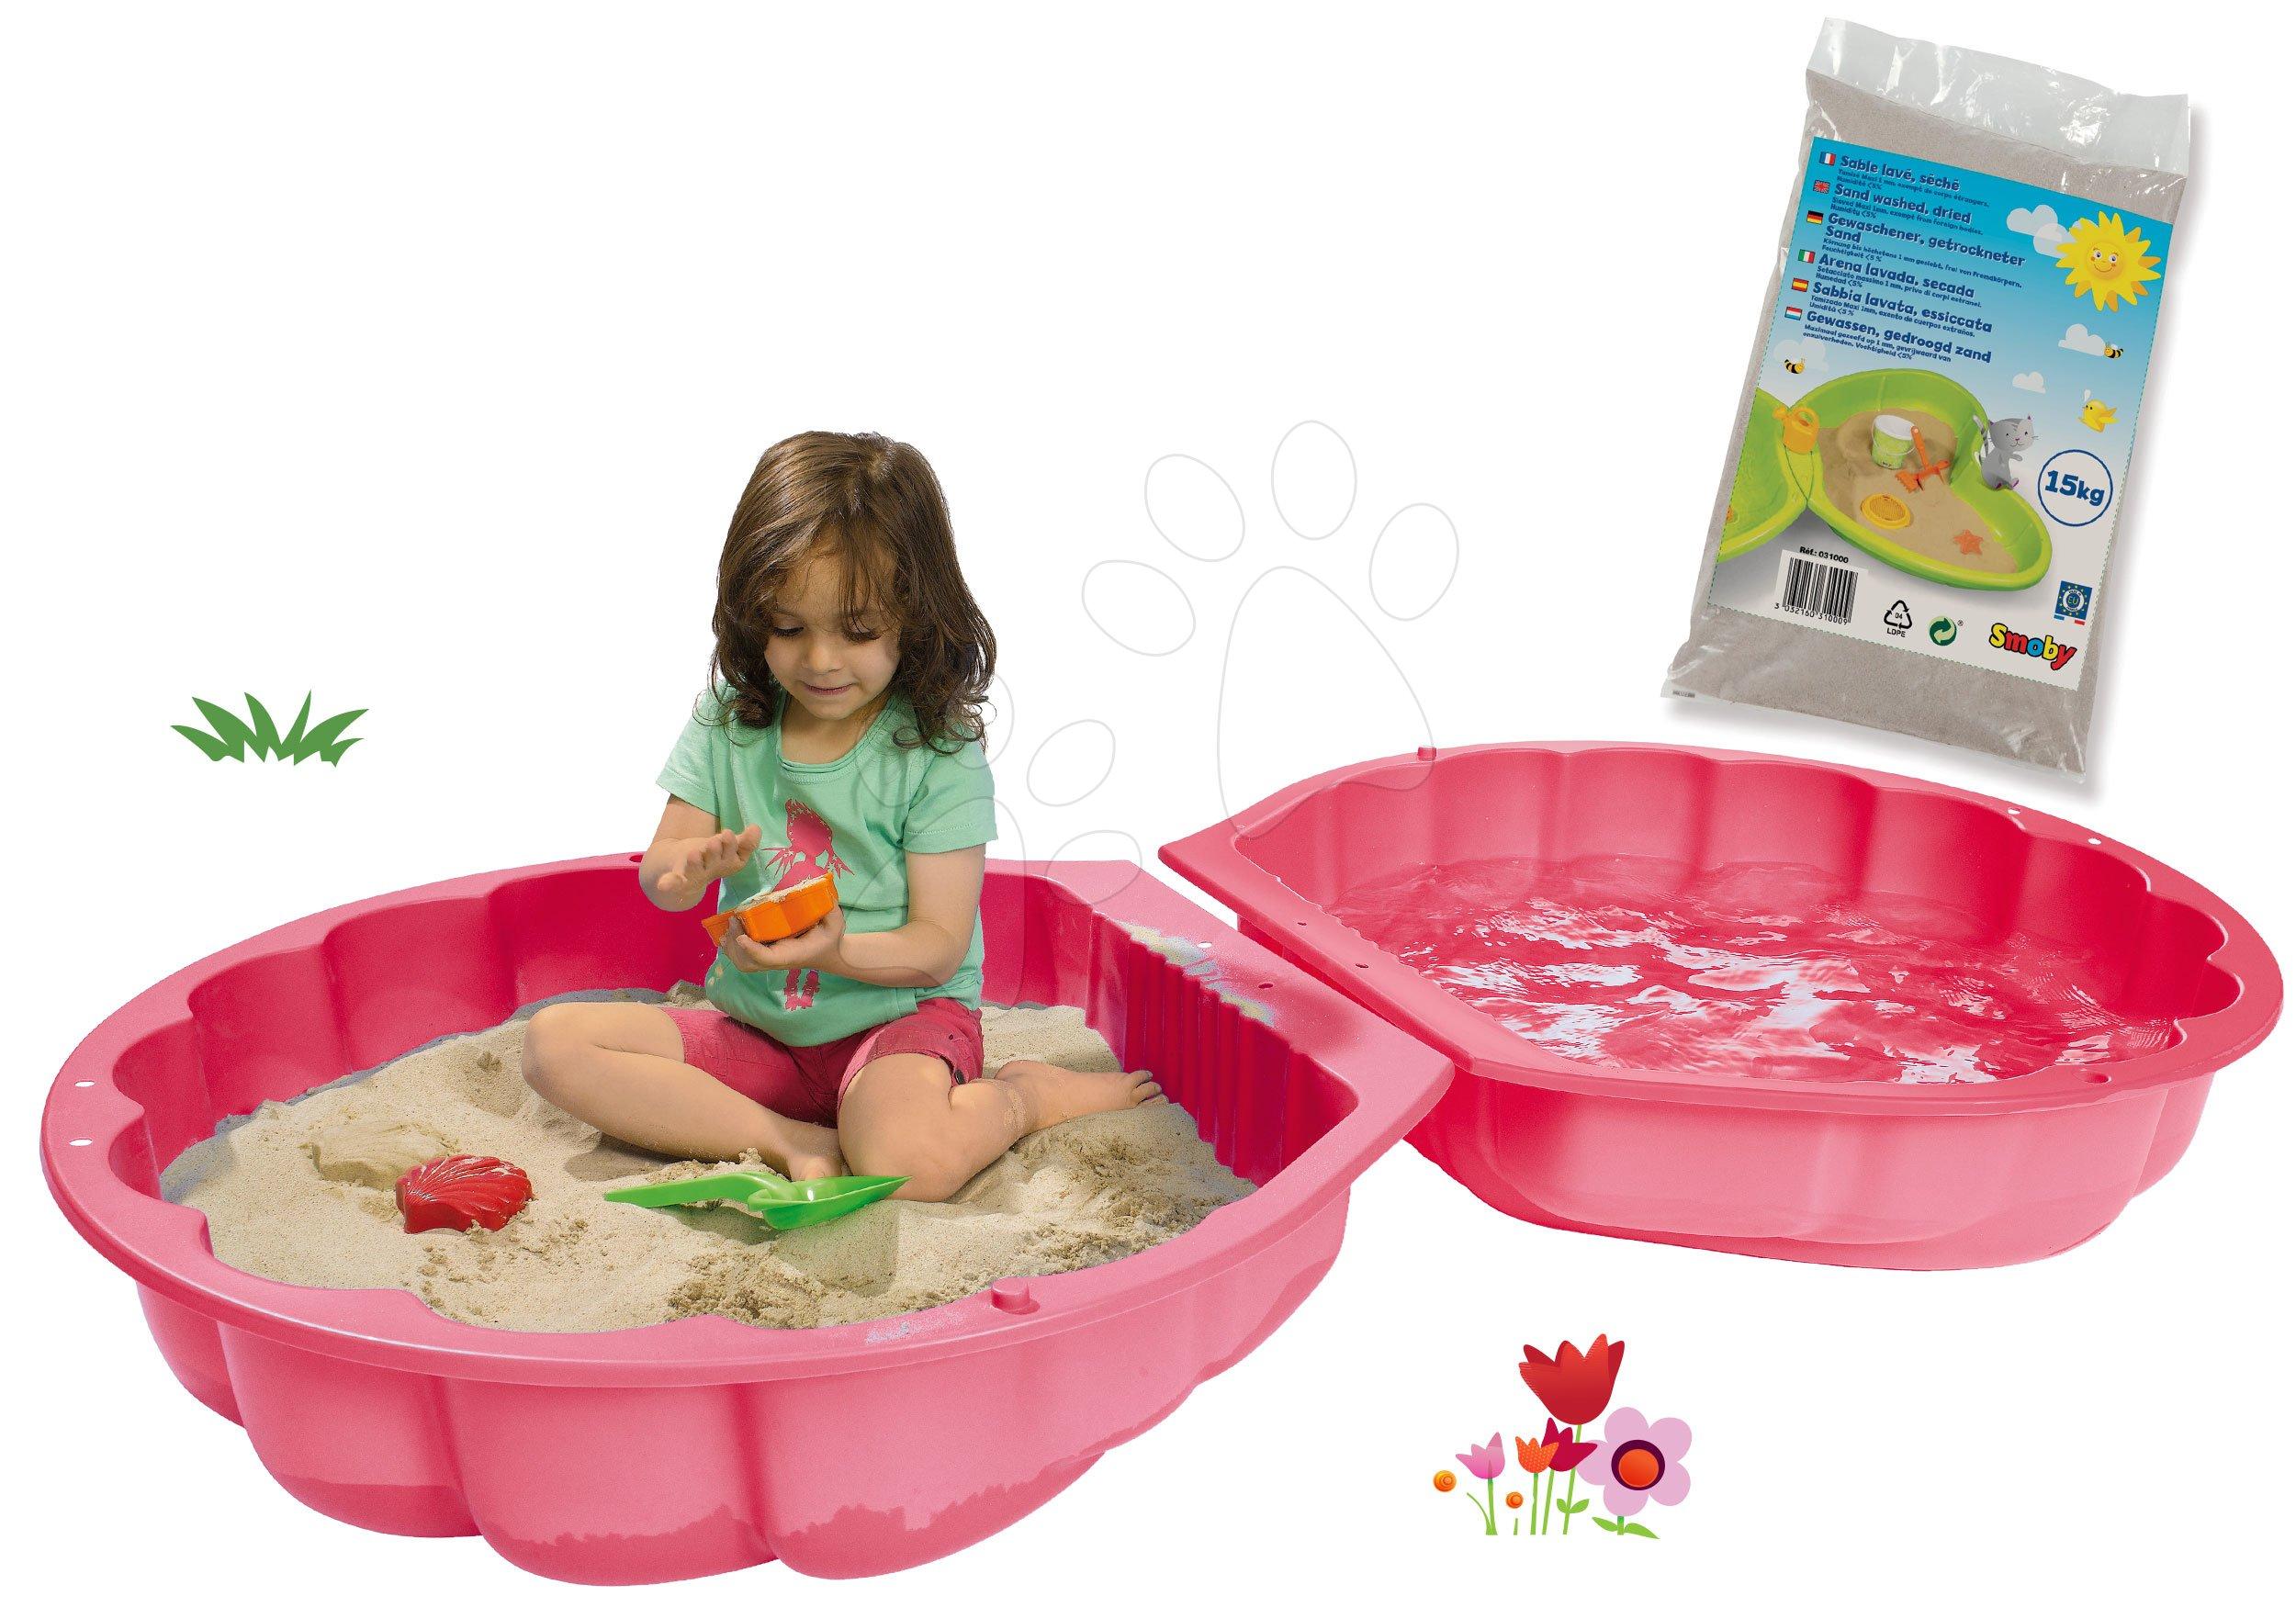 Set pieskovisko mušľa dvojdielne Watershell Pink BIG ružové a hygienický piesok pre najmenších 15 kg